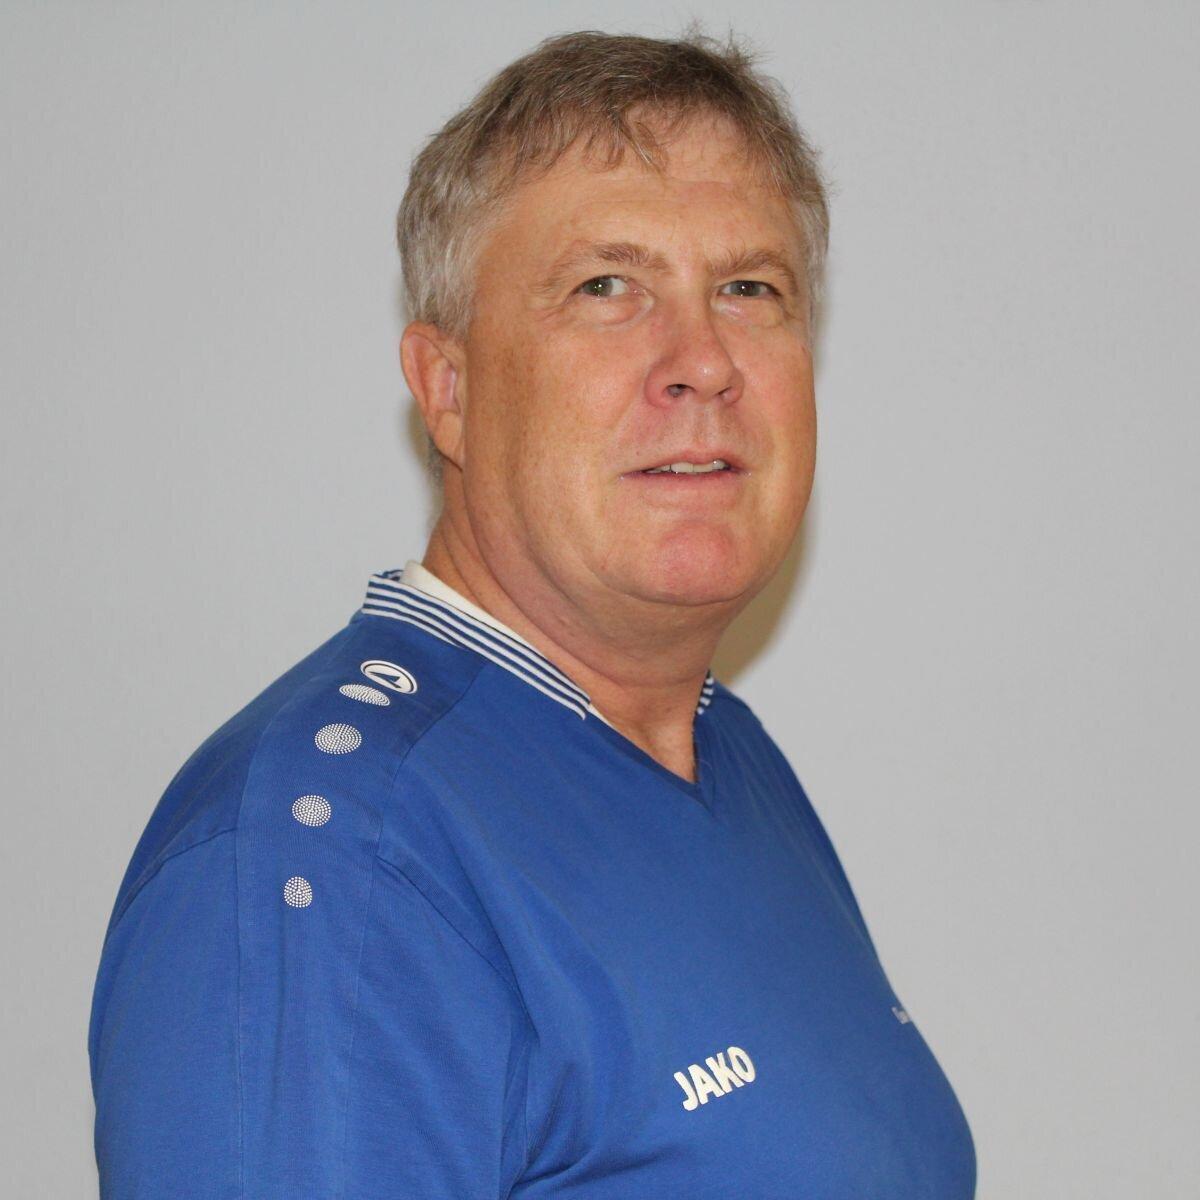 Uwe Junker